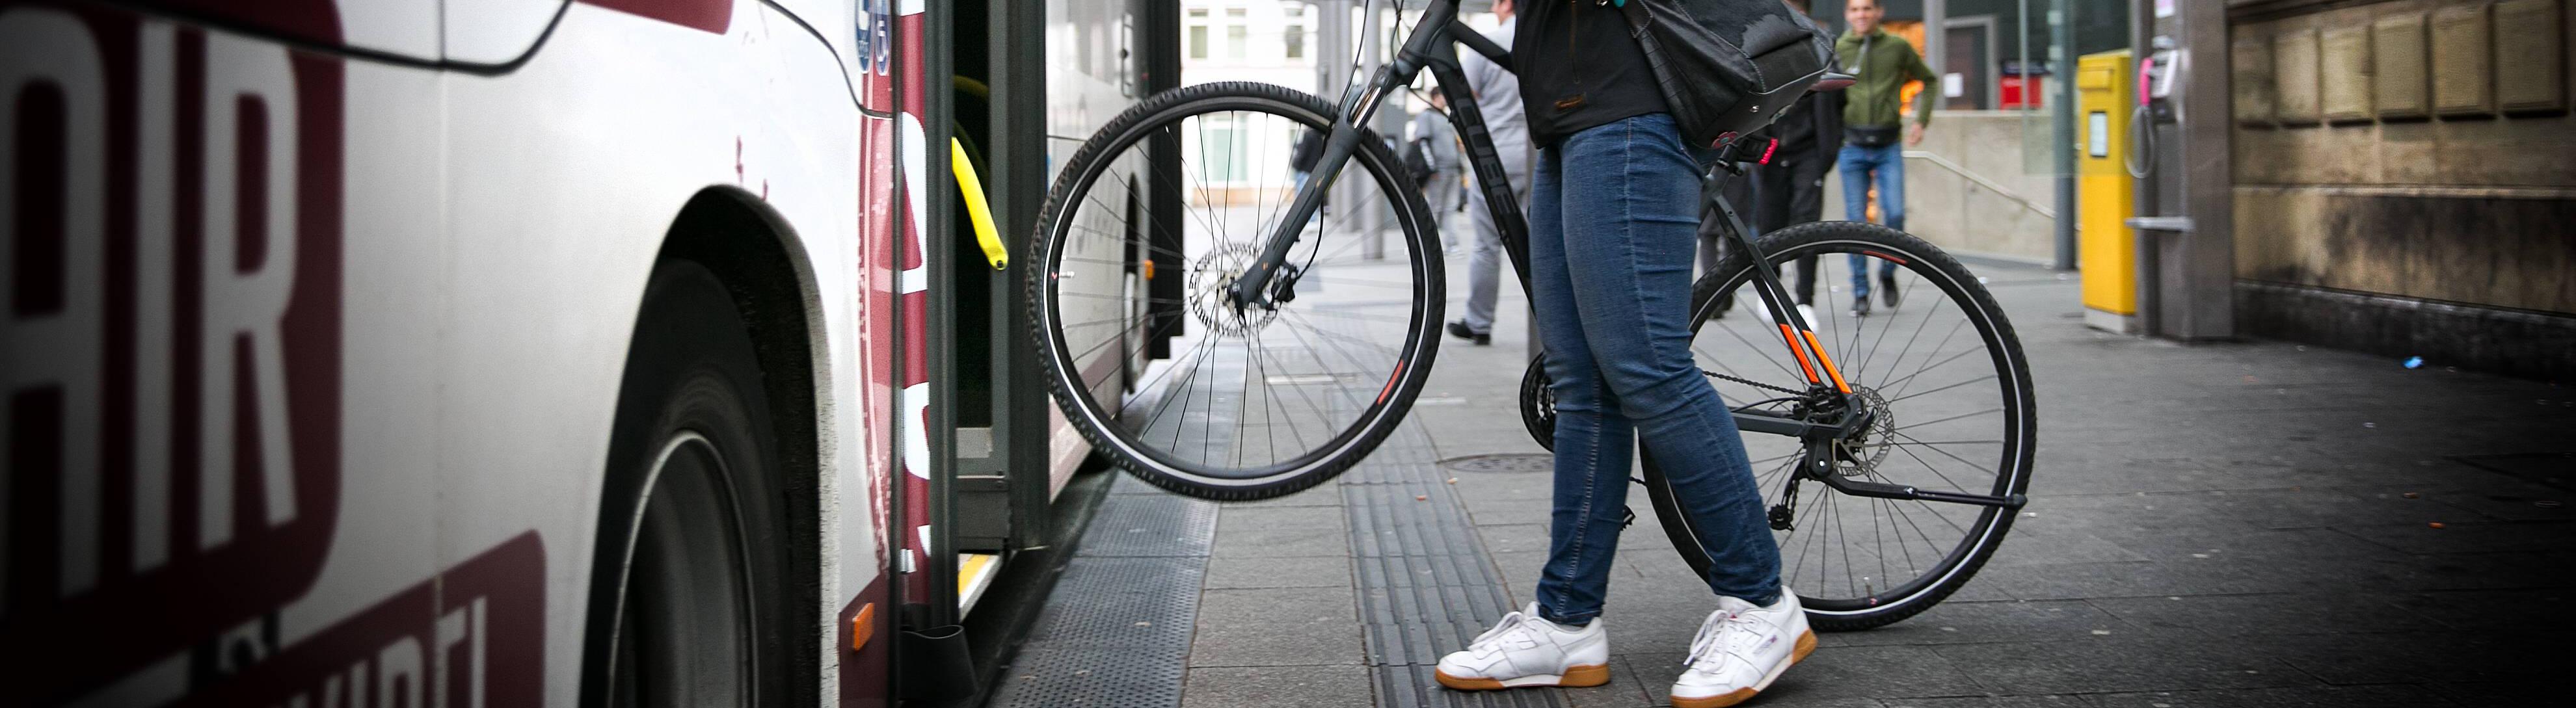 Fahrradmitnahme in Bussen ab 18.30 Uhr in der Stadt Esslingen.